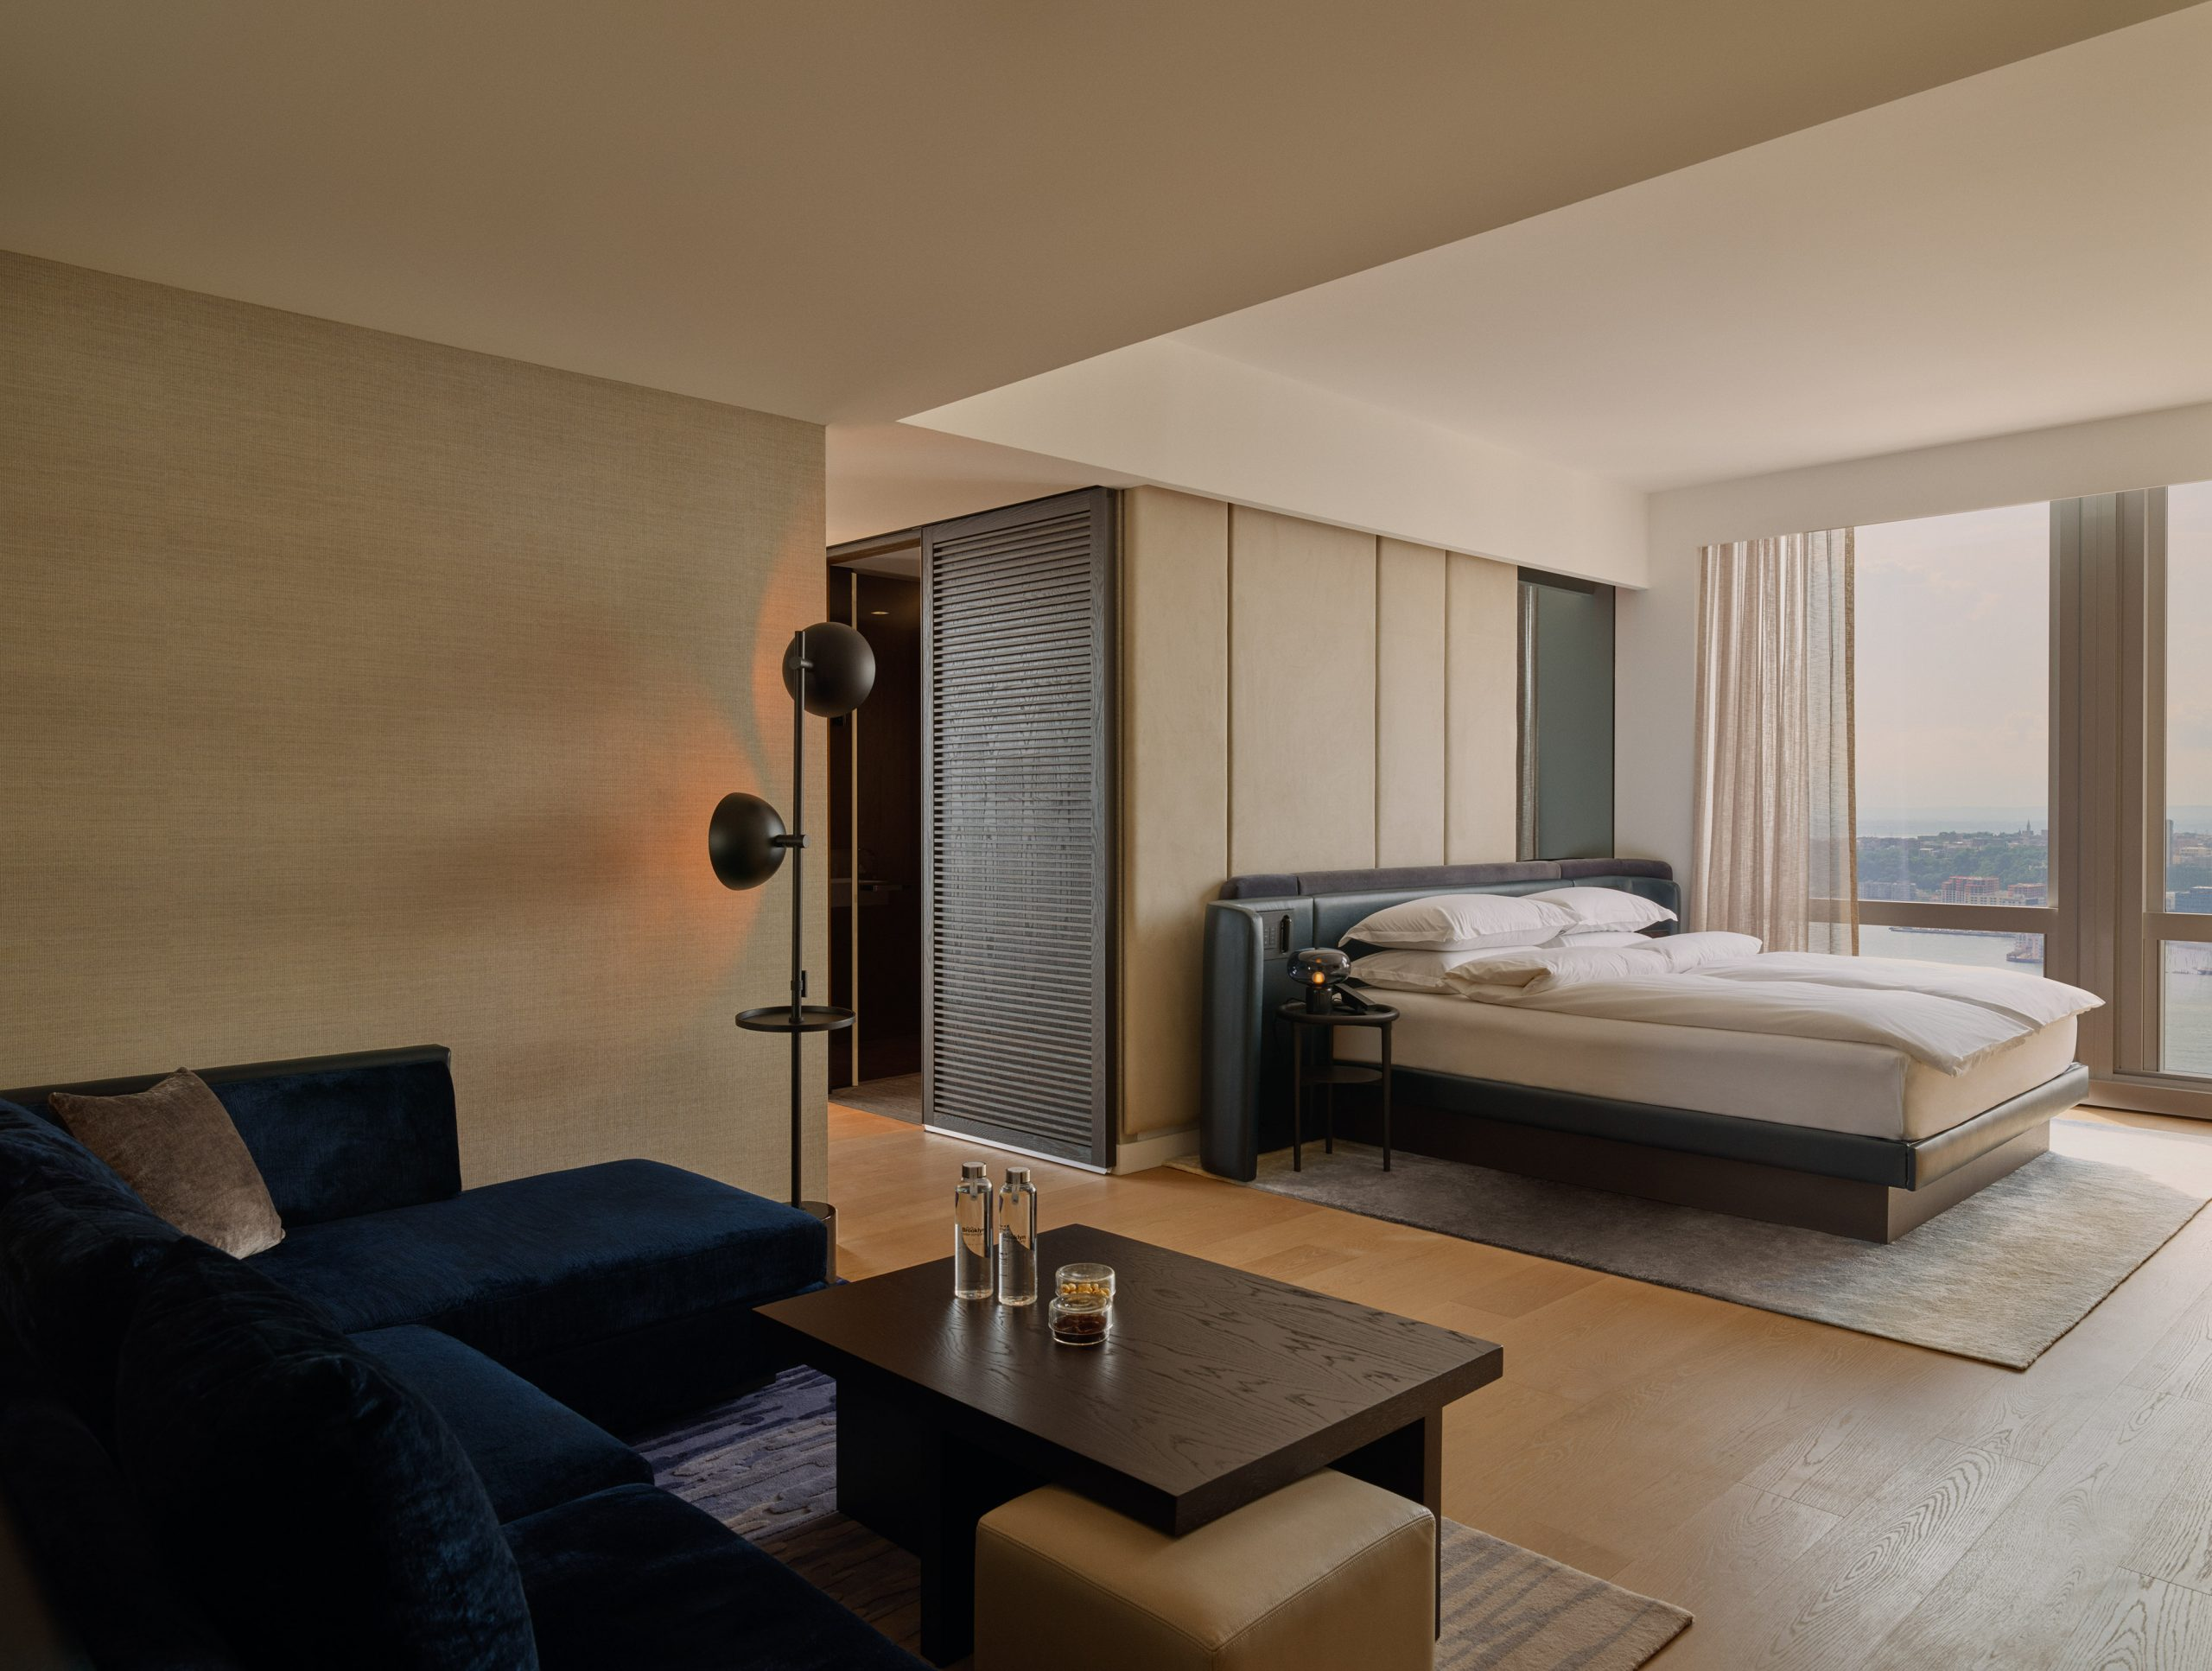 deluxejrsuiteriver-bedroom-mfrzd-scaled